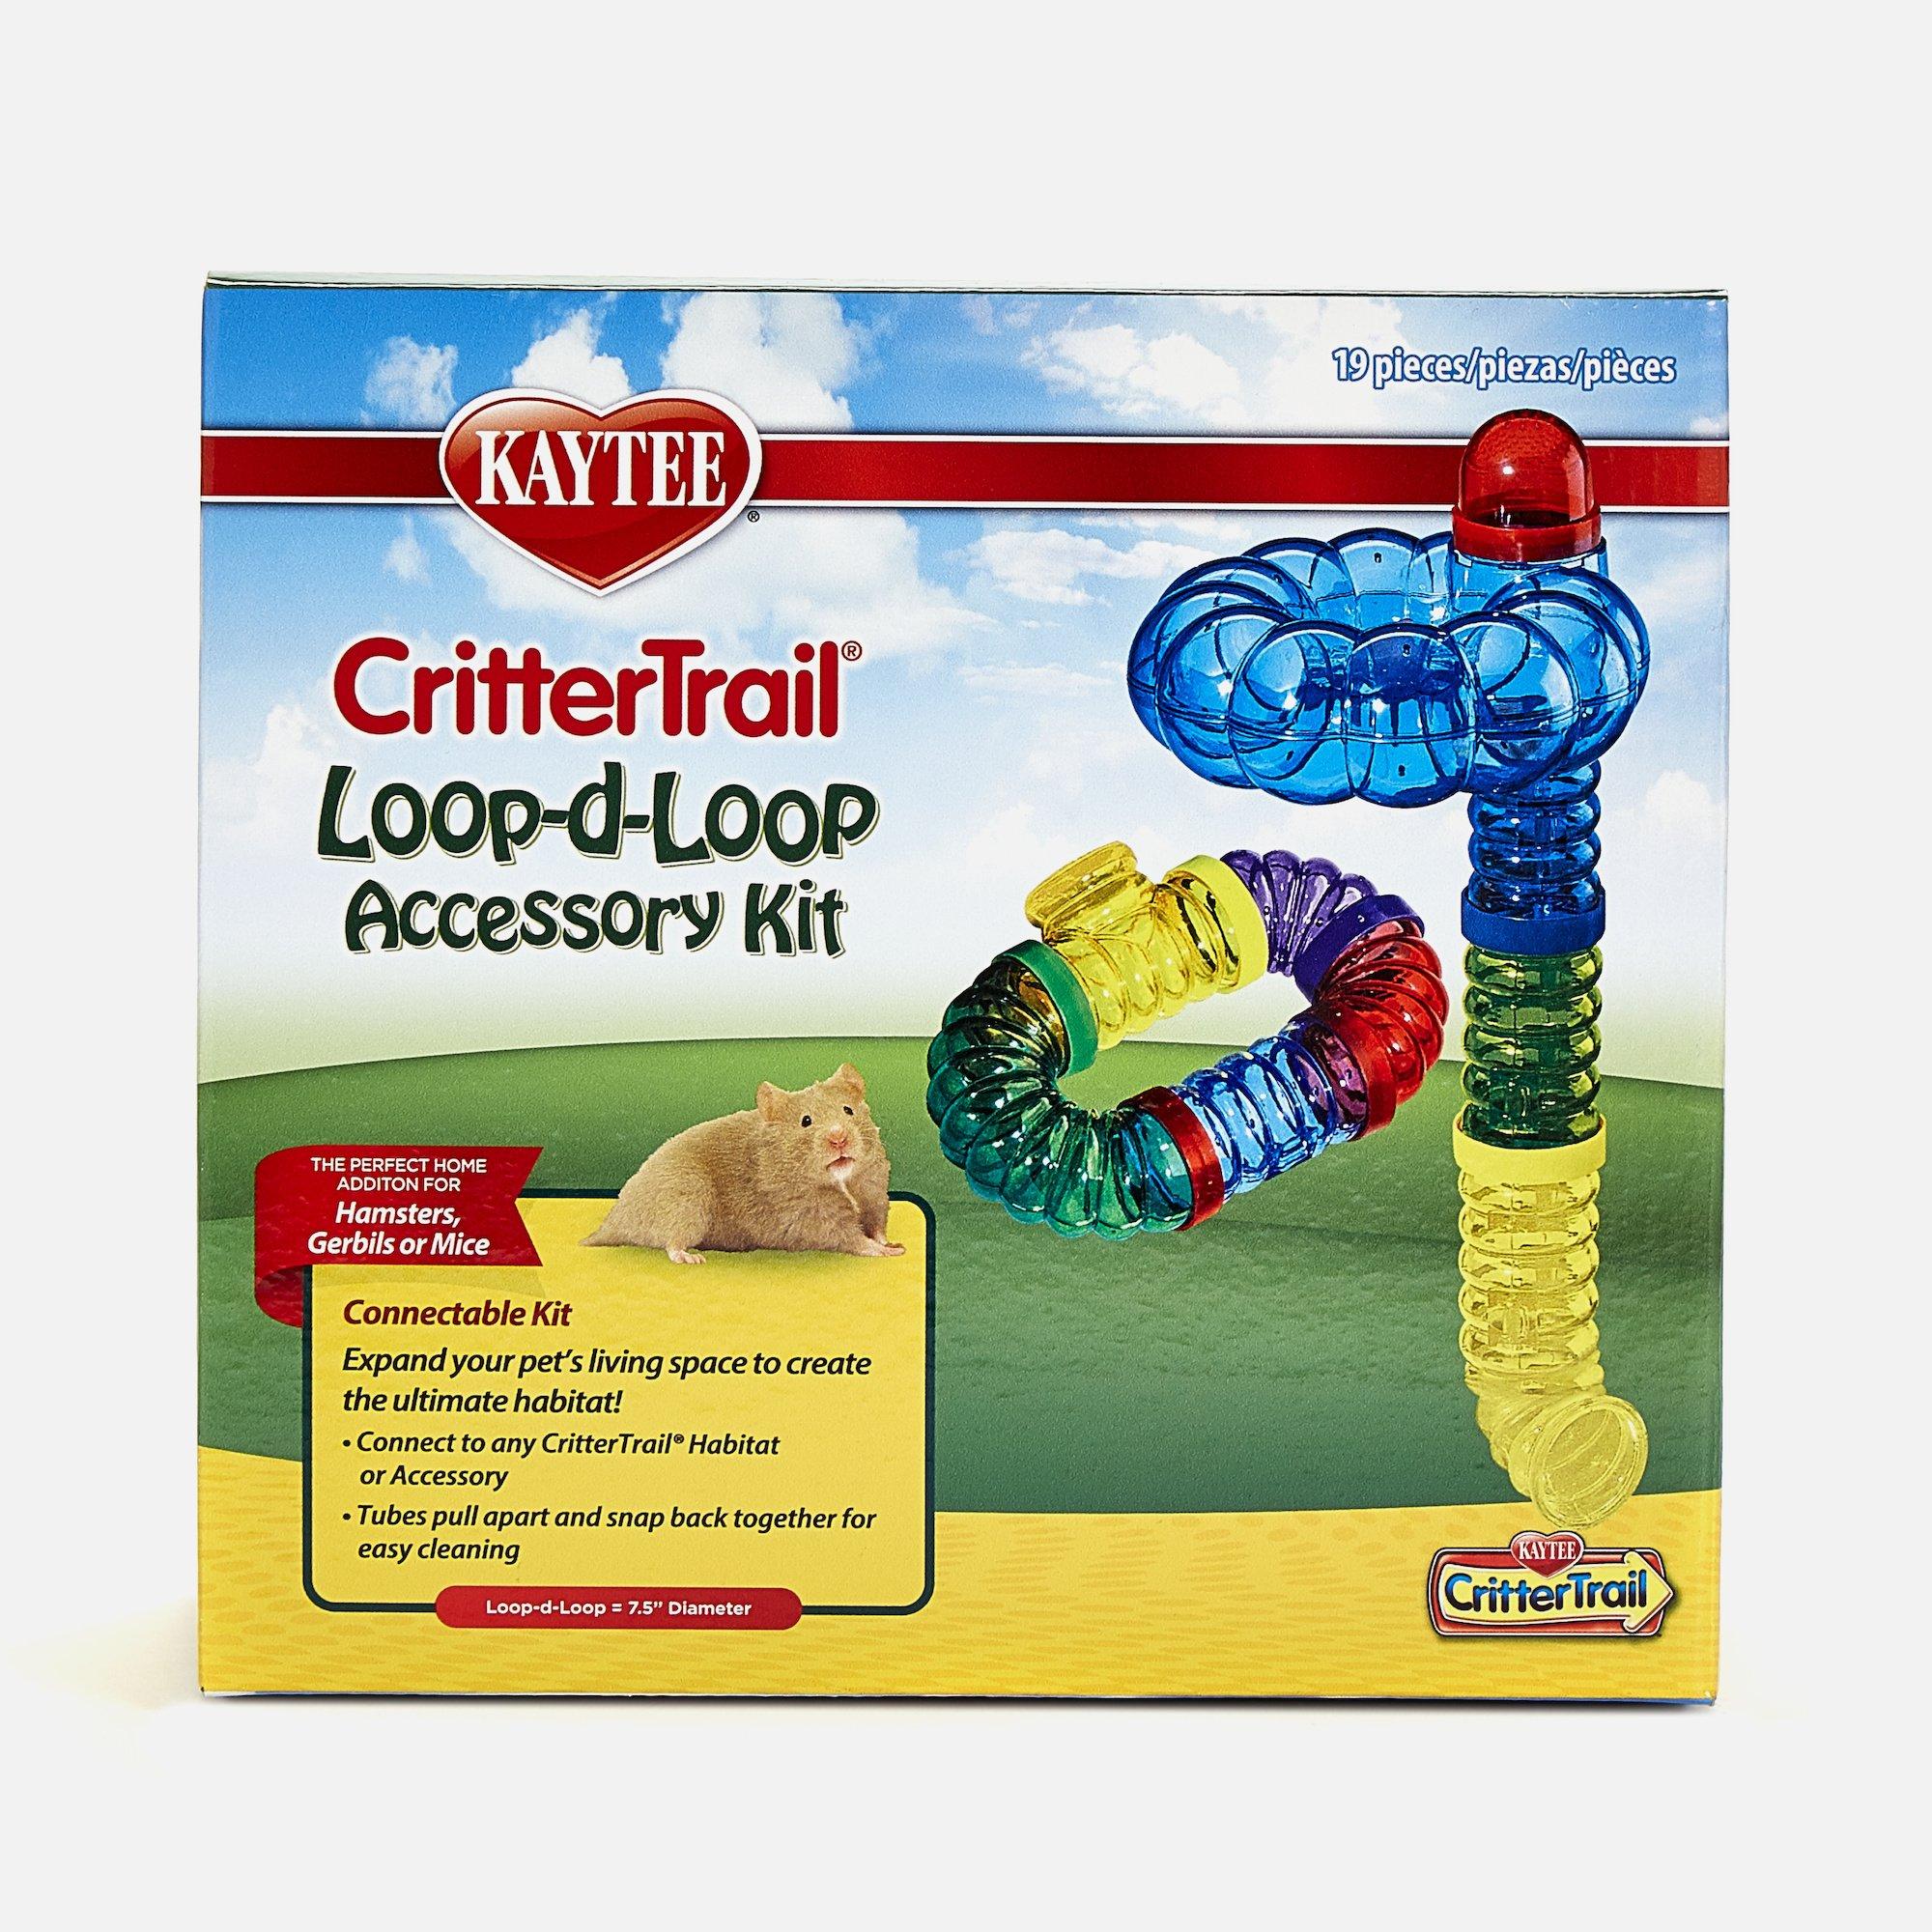 Kaytee Crittertrail Loop D Loop Accessory Kit